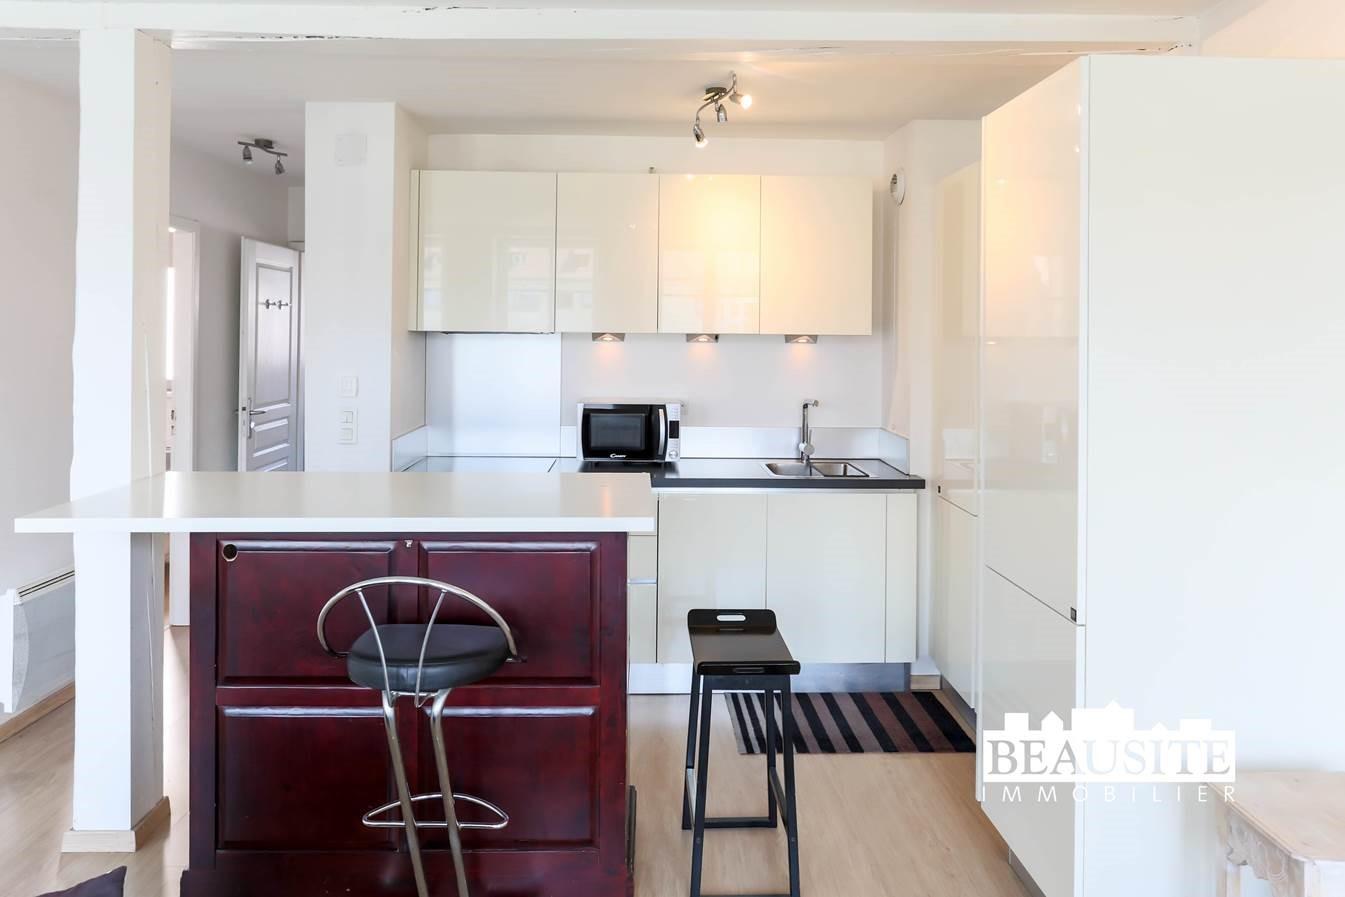 [Batelier] Magnifique 2 pièces meublé - Krutenau / Quai des Bateliers - nos locations - Beausite Immobilier 3